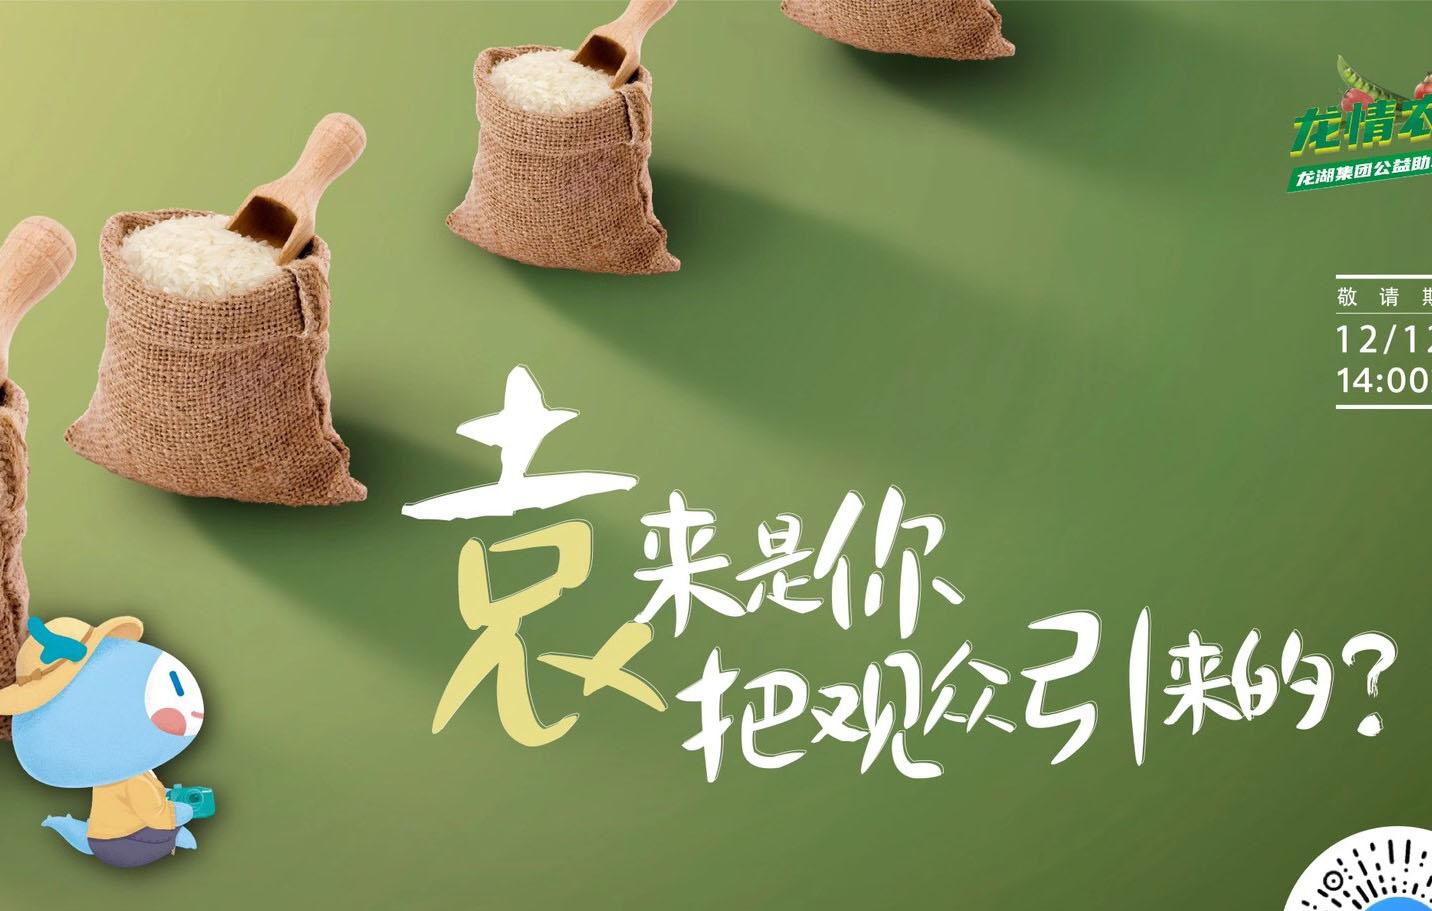 袁米海水稻携手青岛龙湖在线公益助农